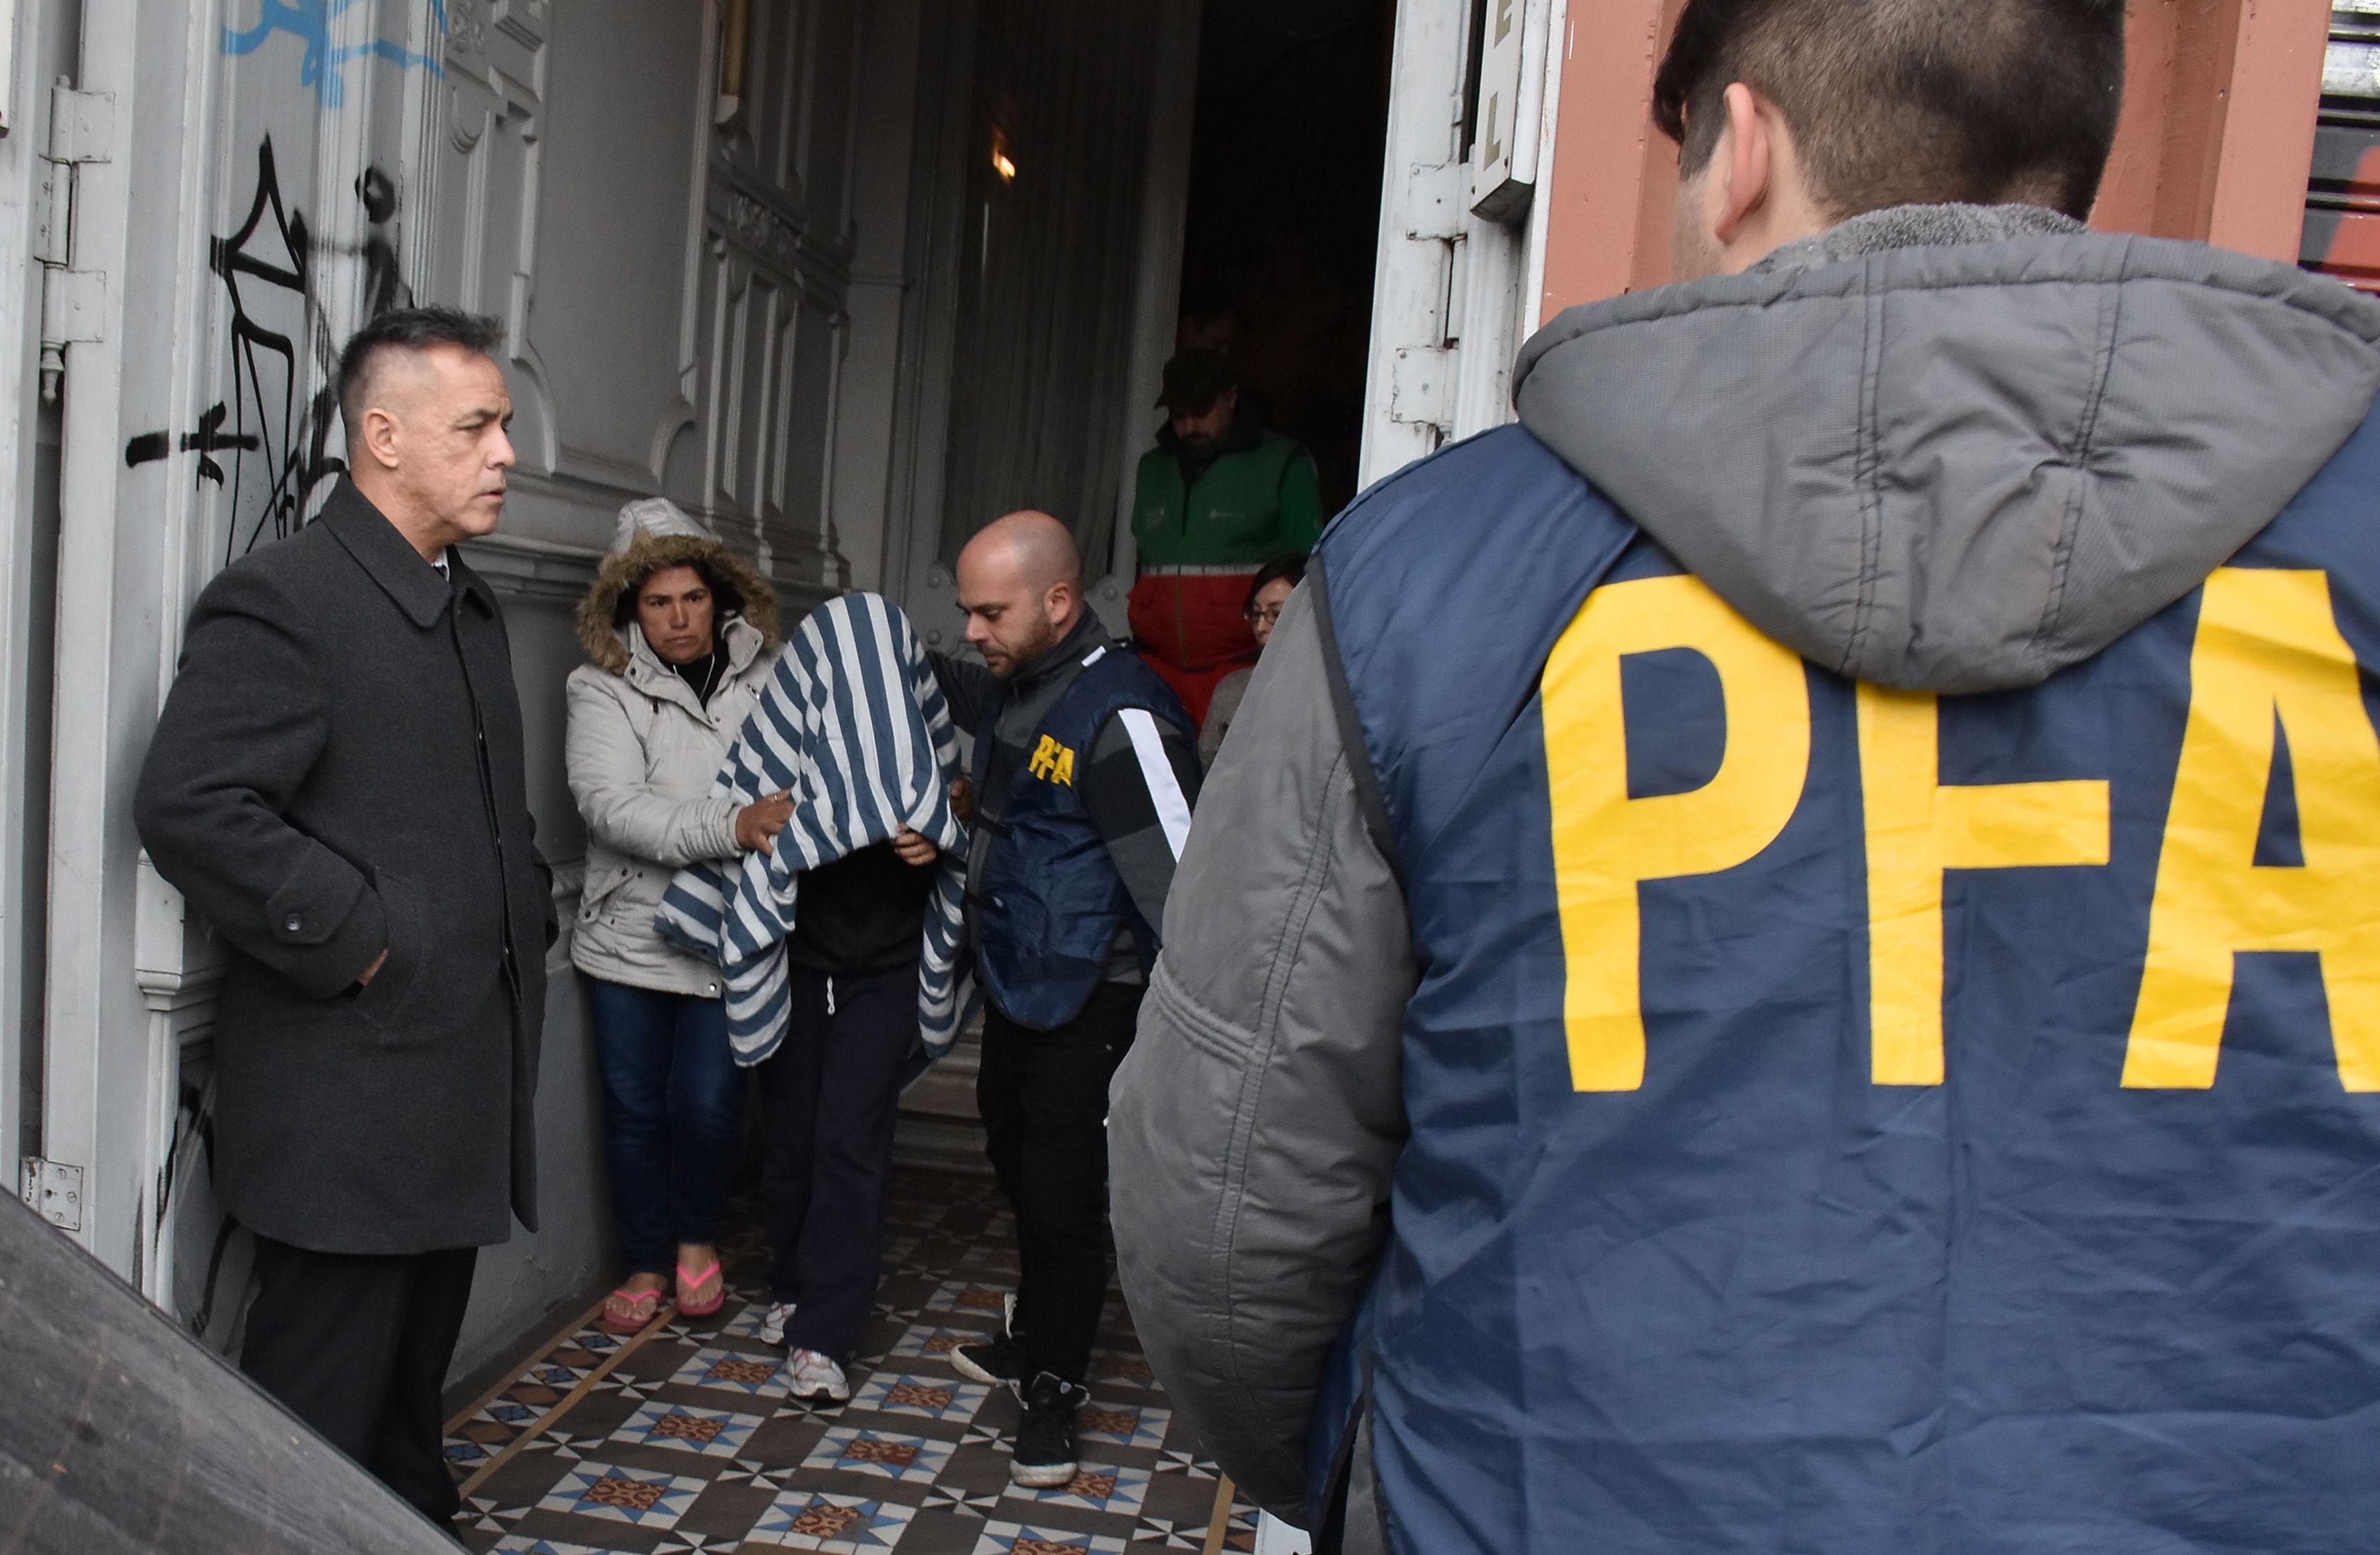 Una mujer y una travesti, detenidas por secuestrar a un nene de 10 años